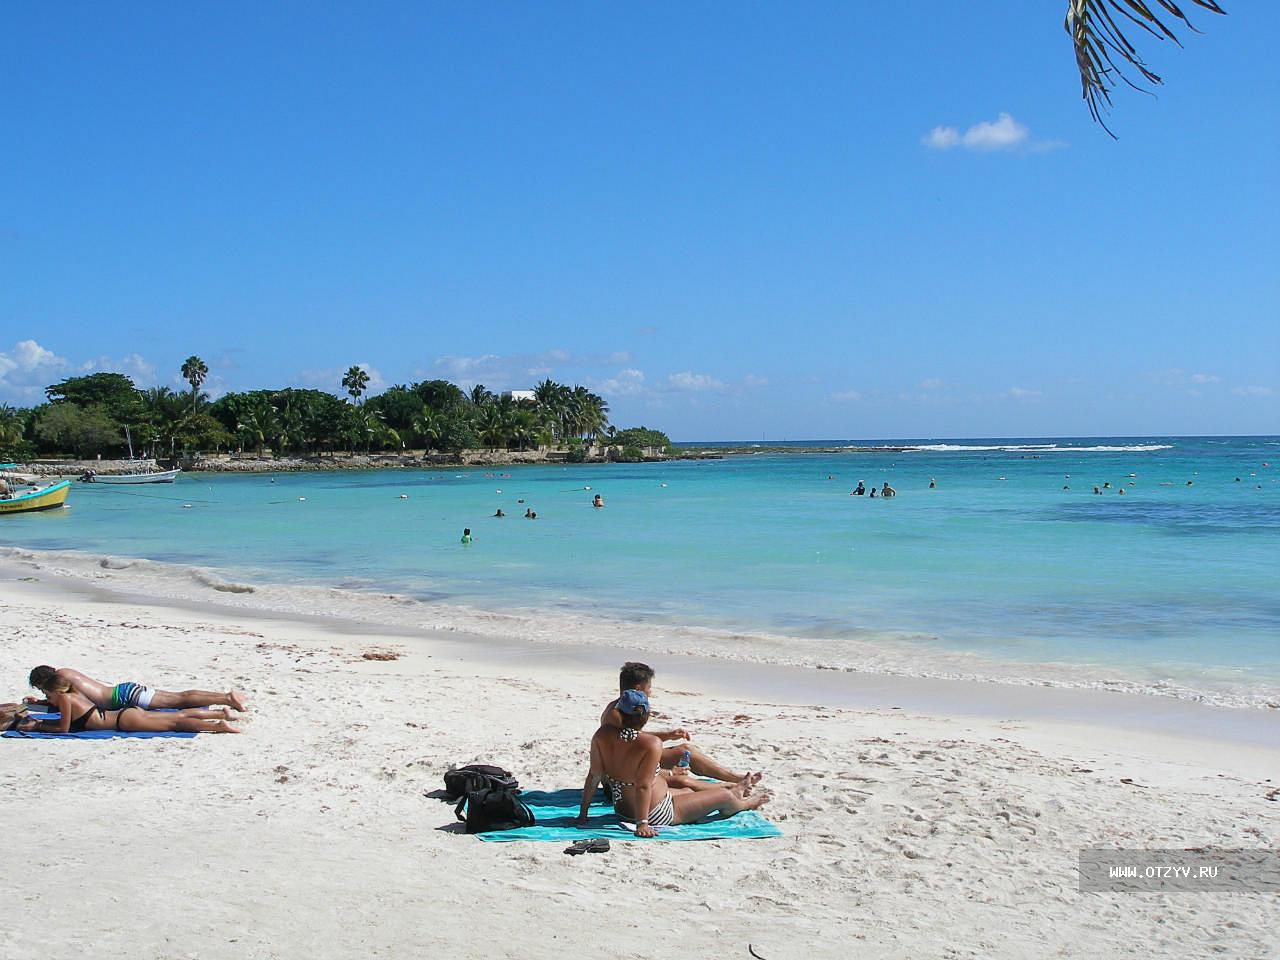 Посмотрели пляж фото 1 фотография